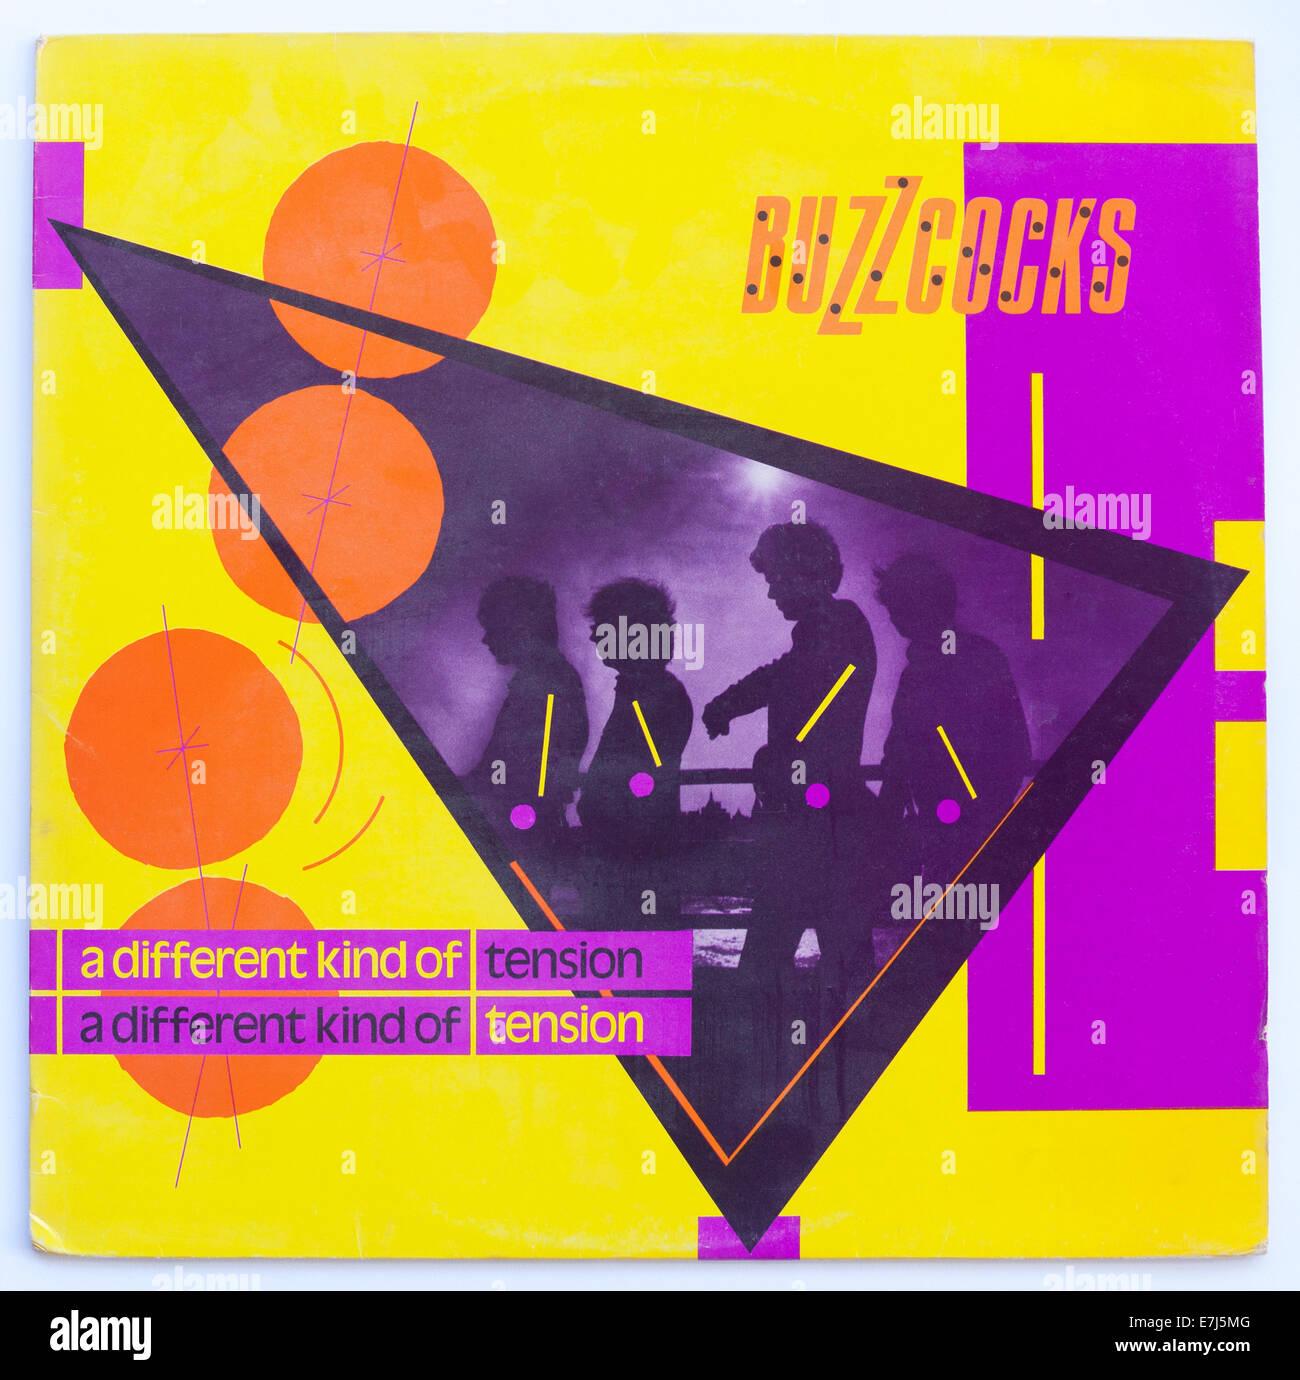 Portada de los Buzzcocks - un tipo diferente de tensión, 1979 album de vinilo en United Artists Imagen De Stock